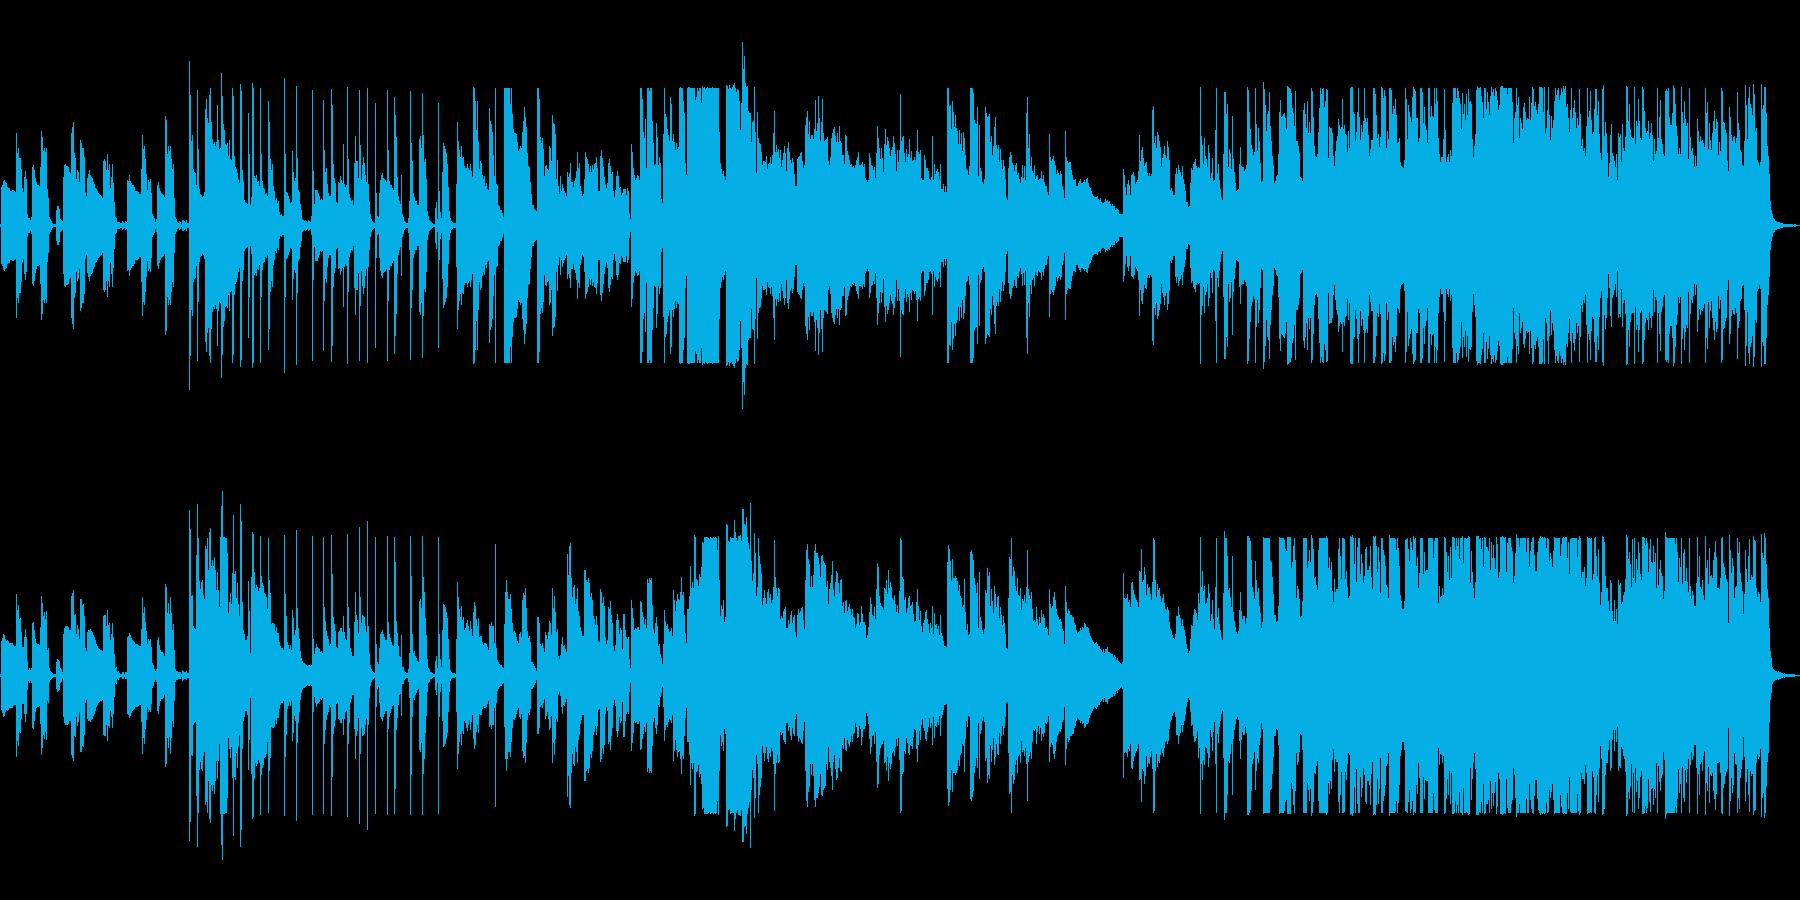 おしゃれ ブルースの再生済みの波形